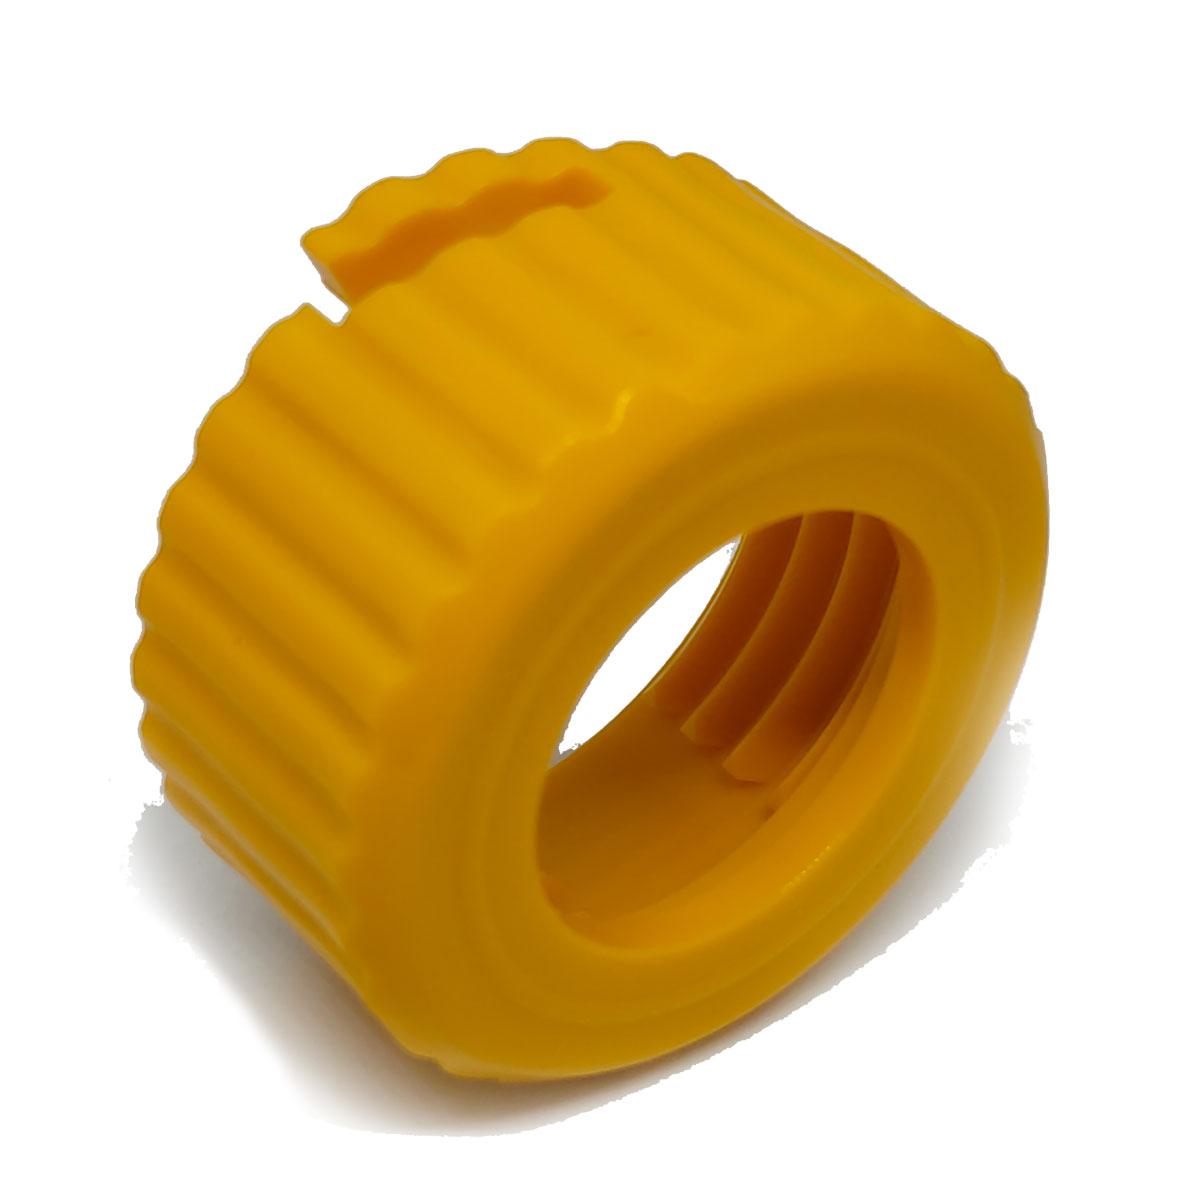 Porca Amarela de Fixação do Carretel Lubing